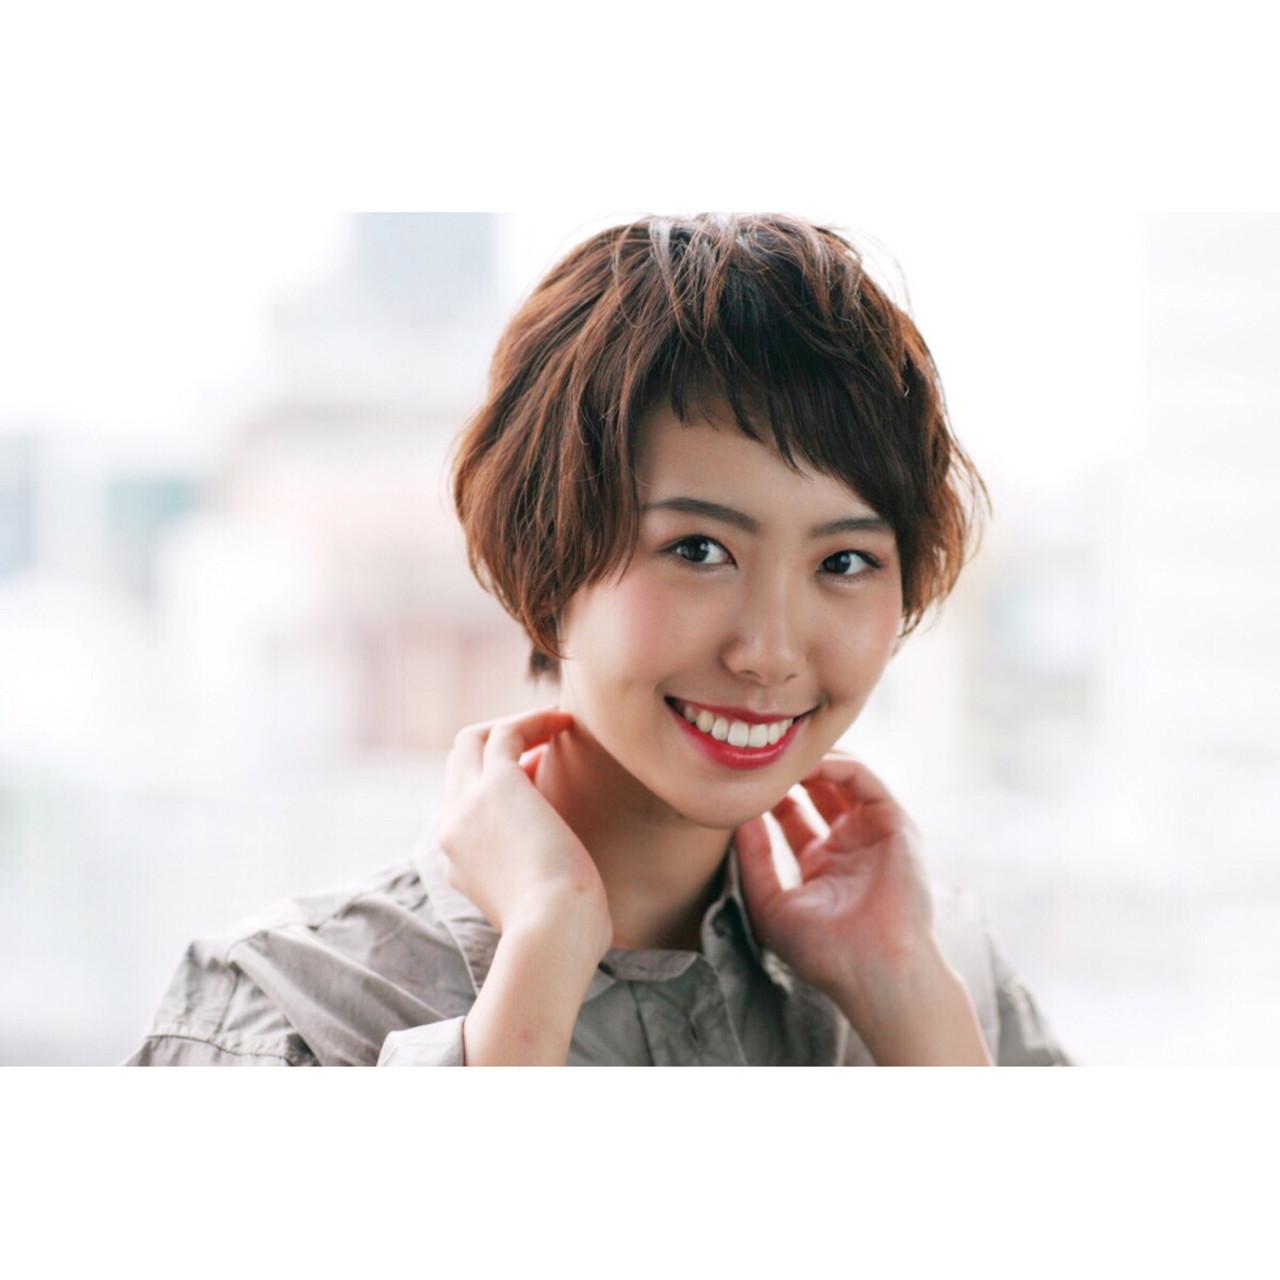 47c35be0e5e82 アシメ×ショートボブで個性溢れる魅力的な女性を目指そう (HAIR) - LINE ...